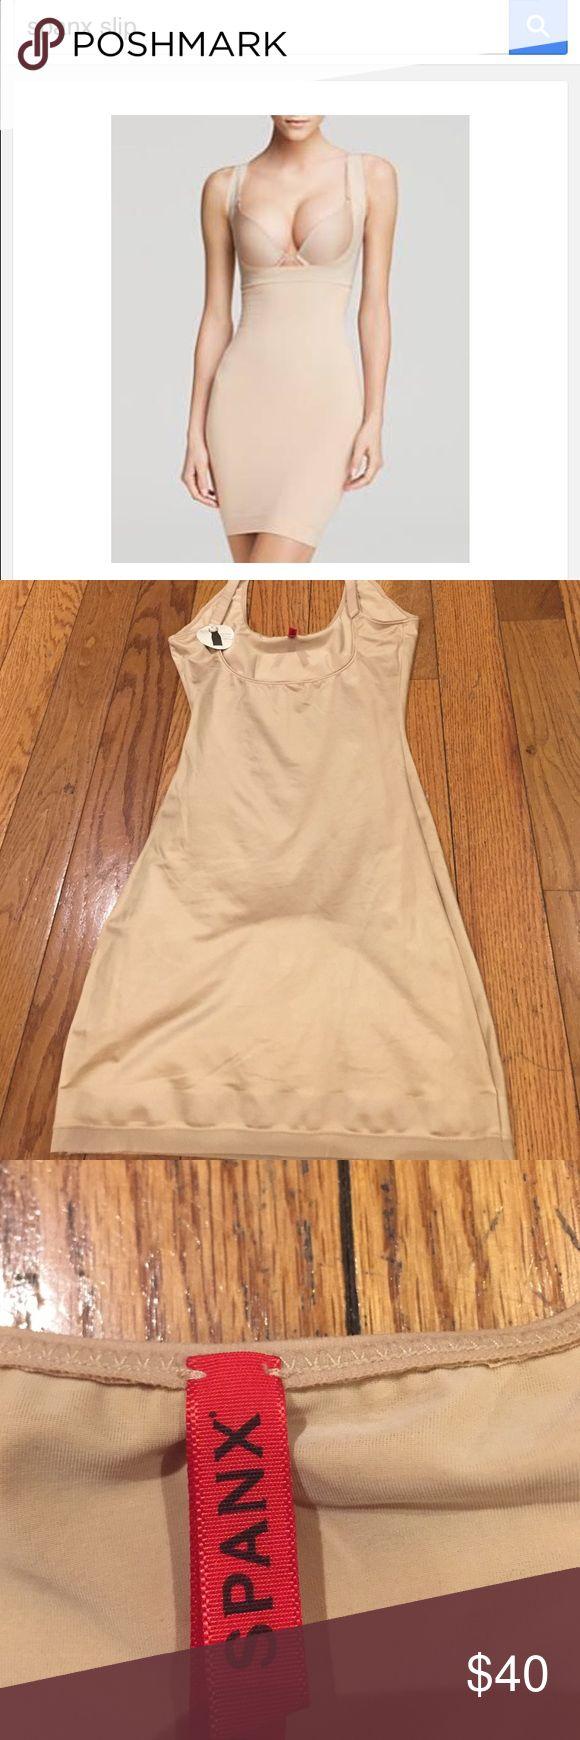 Spanx open bust built in panty slip Brand new open bust built in panty slip SPANX Intimates & Sleepwear Shapewear